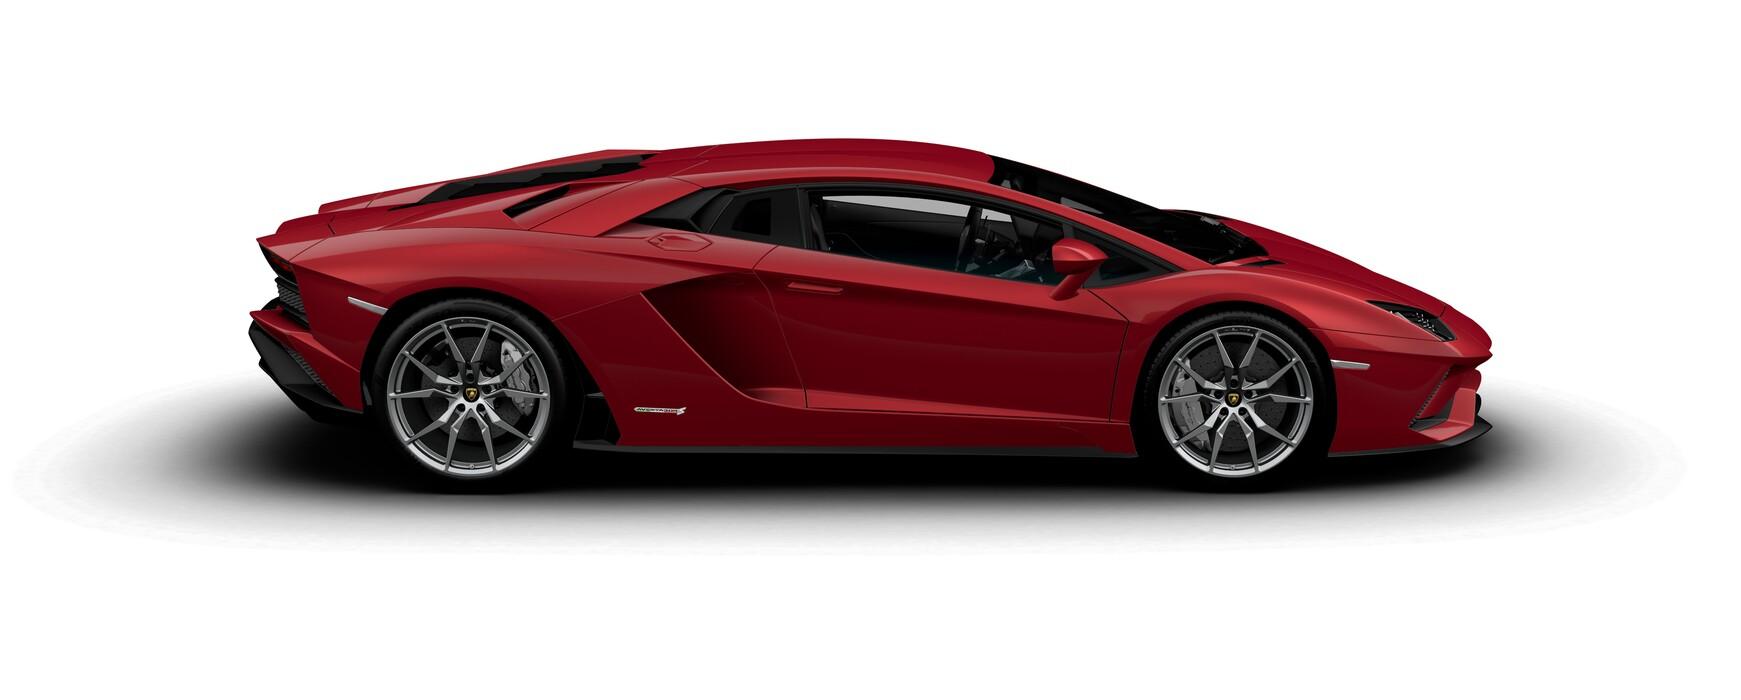 Lamborghini Aventador S Coupe metallic Rosso Leto side view